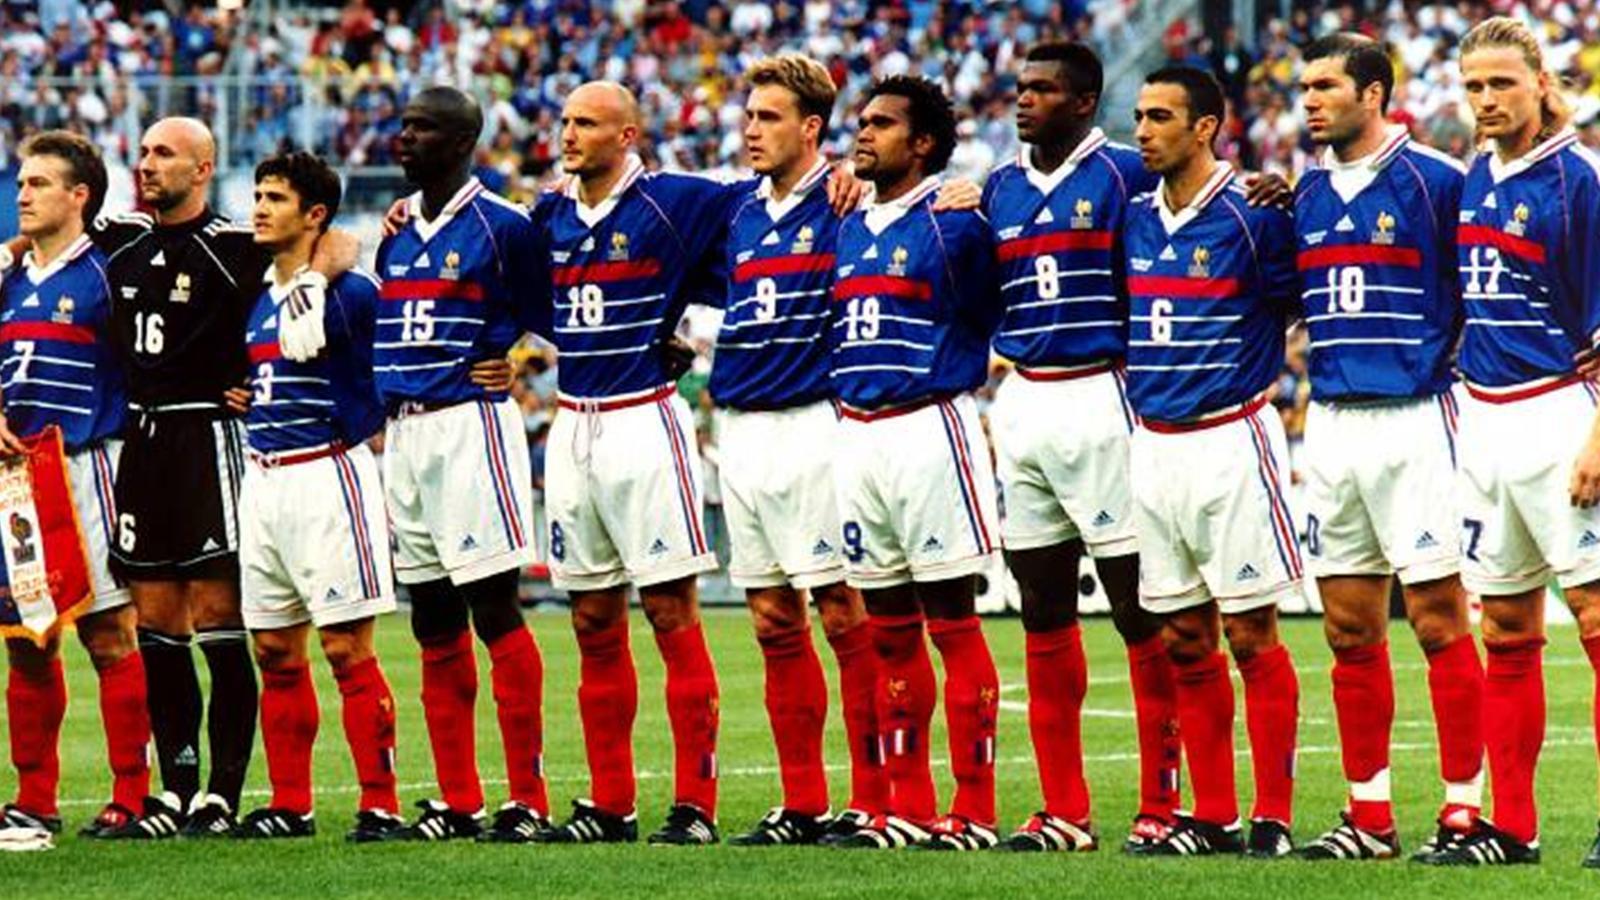 Que sont ils devenus 1 france 98 1998 football eurosport - France 98 coupe du monde ...